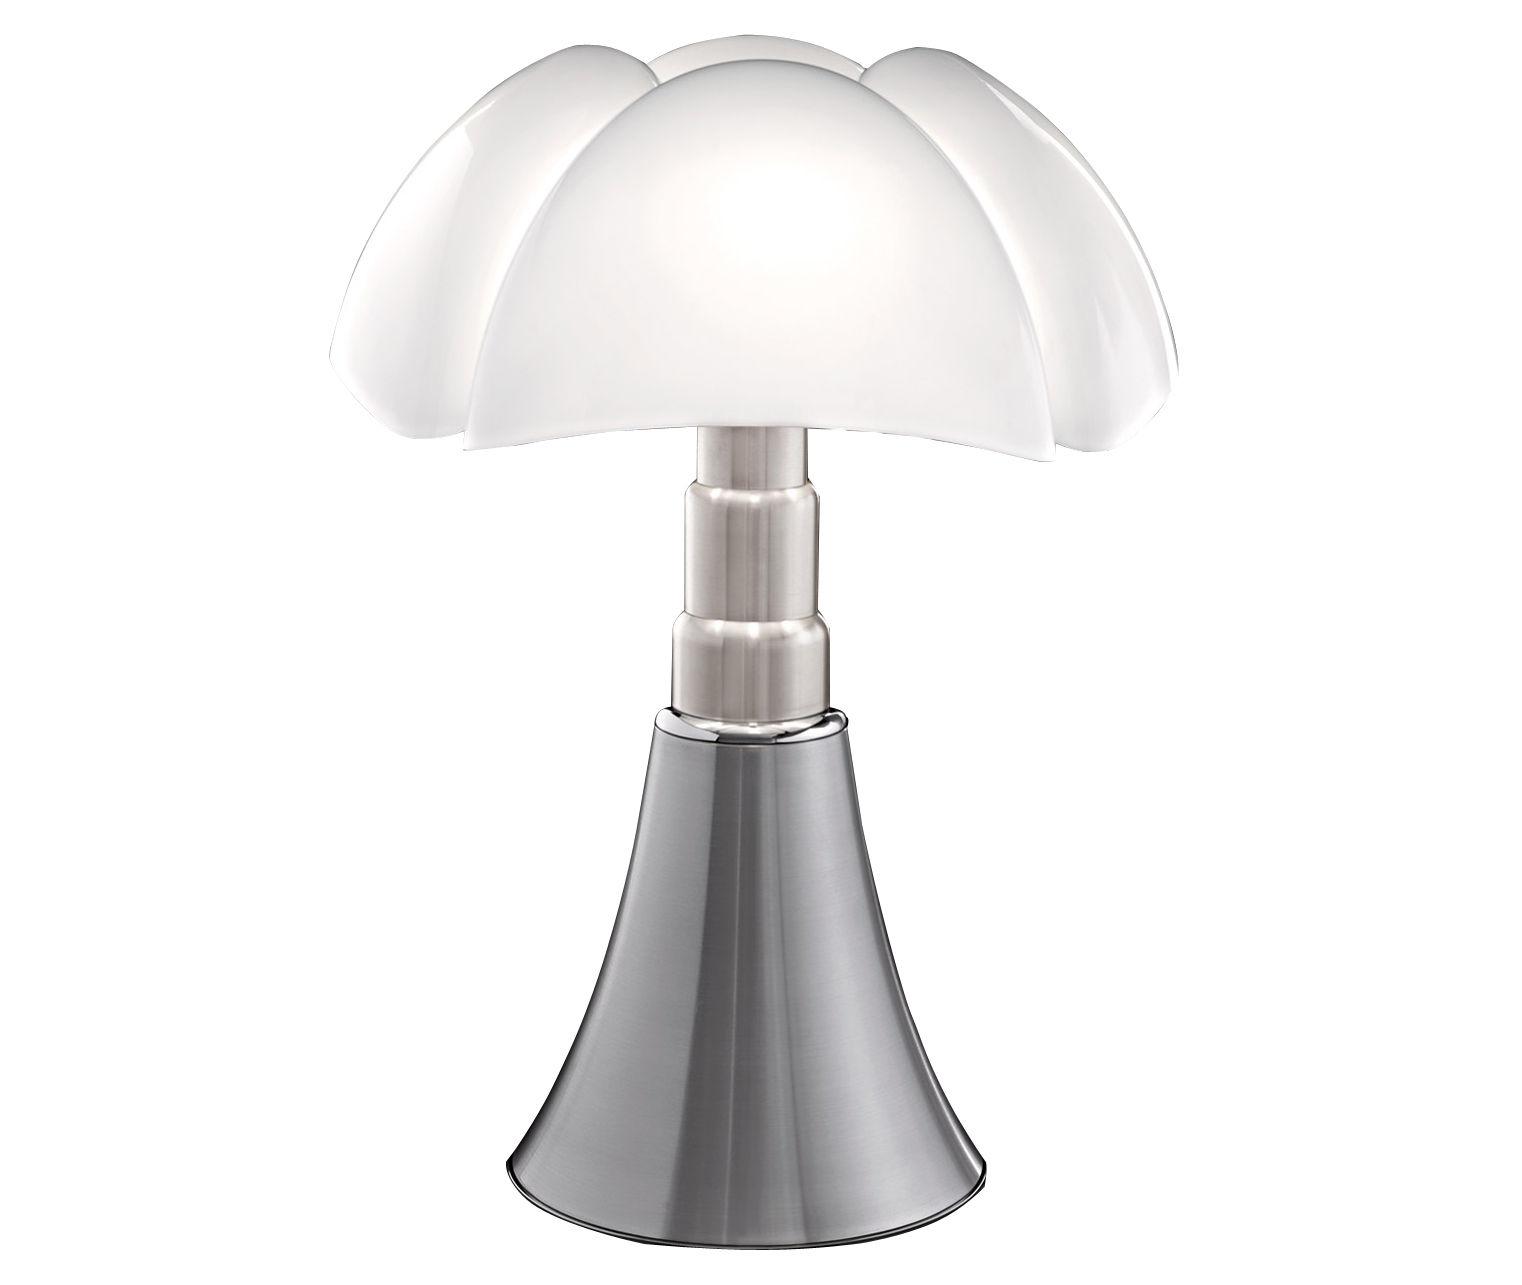 Luminaire - Lampes de table - Lampe de table Pipistrello / H 66 à 86 cm - Martinelli Luce - Aluminium satiné / Abat-jour blanc - Acier galvanisé, Aluminium laqué, Méthacrylate opalin